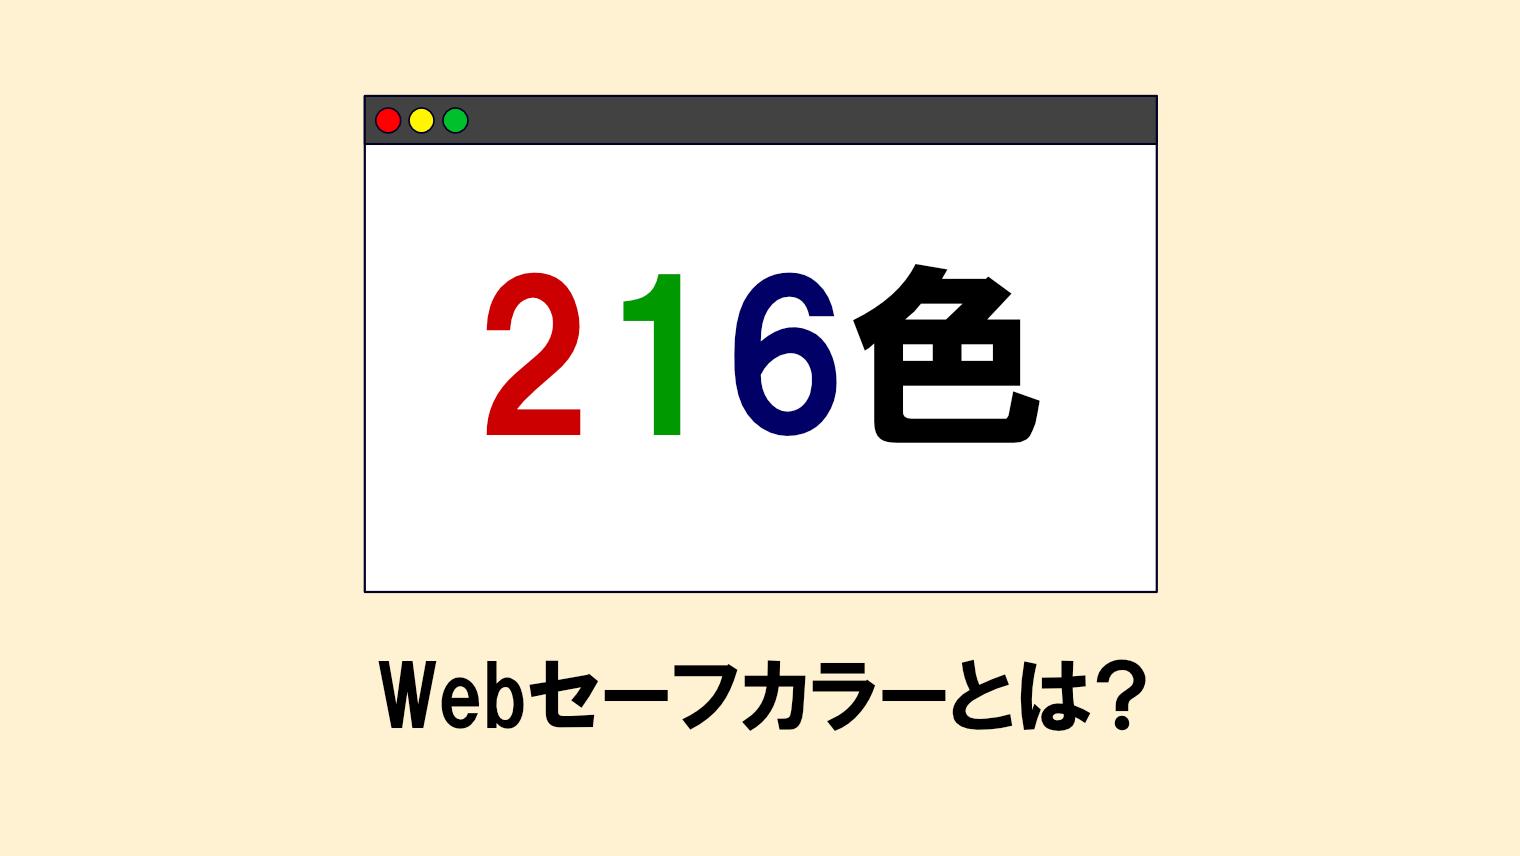 Webサイト配色で、Webセーフカラーを気にする必要はない理由